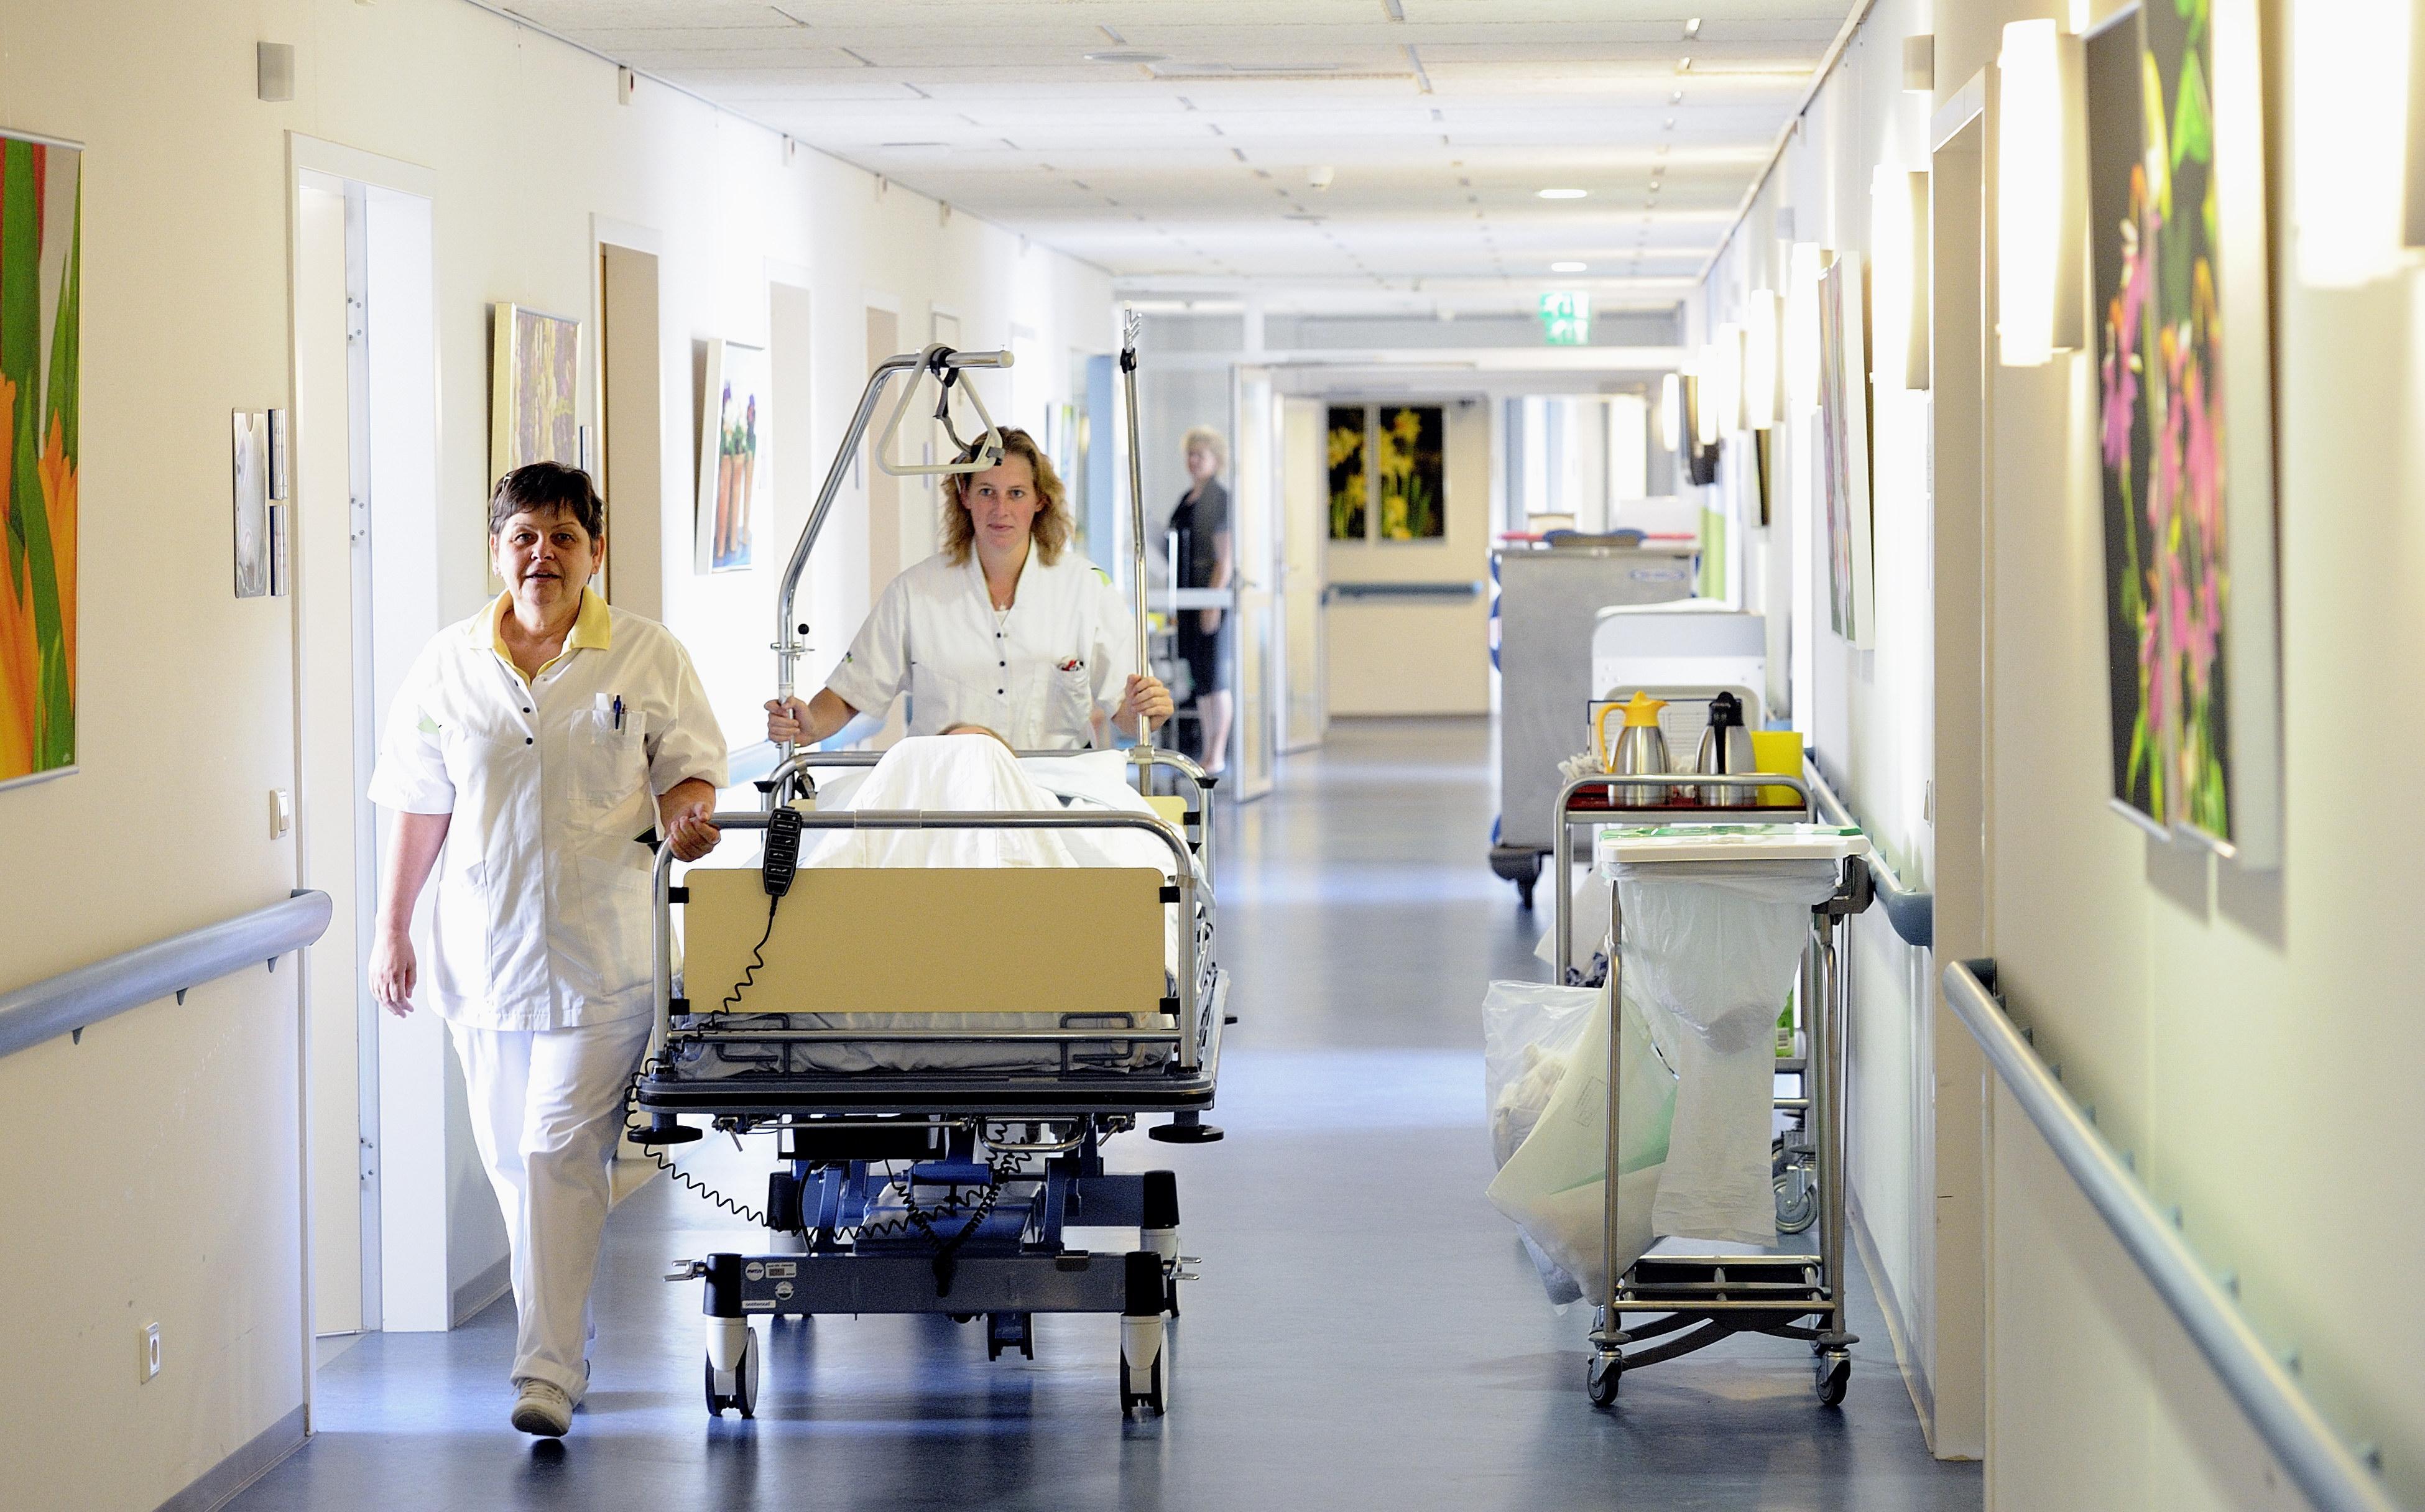 Ziekenhuis lokt verpleegkundigen met hoge bonus